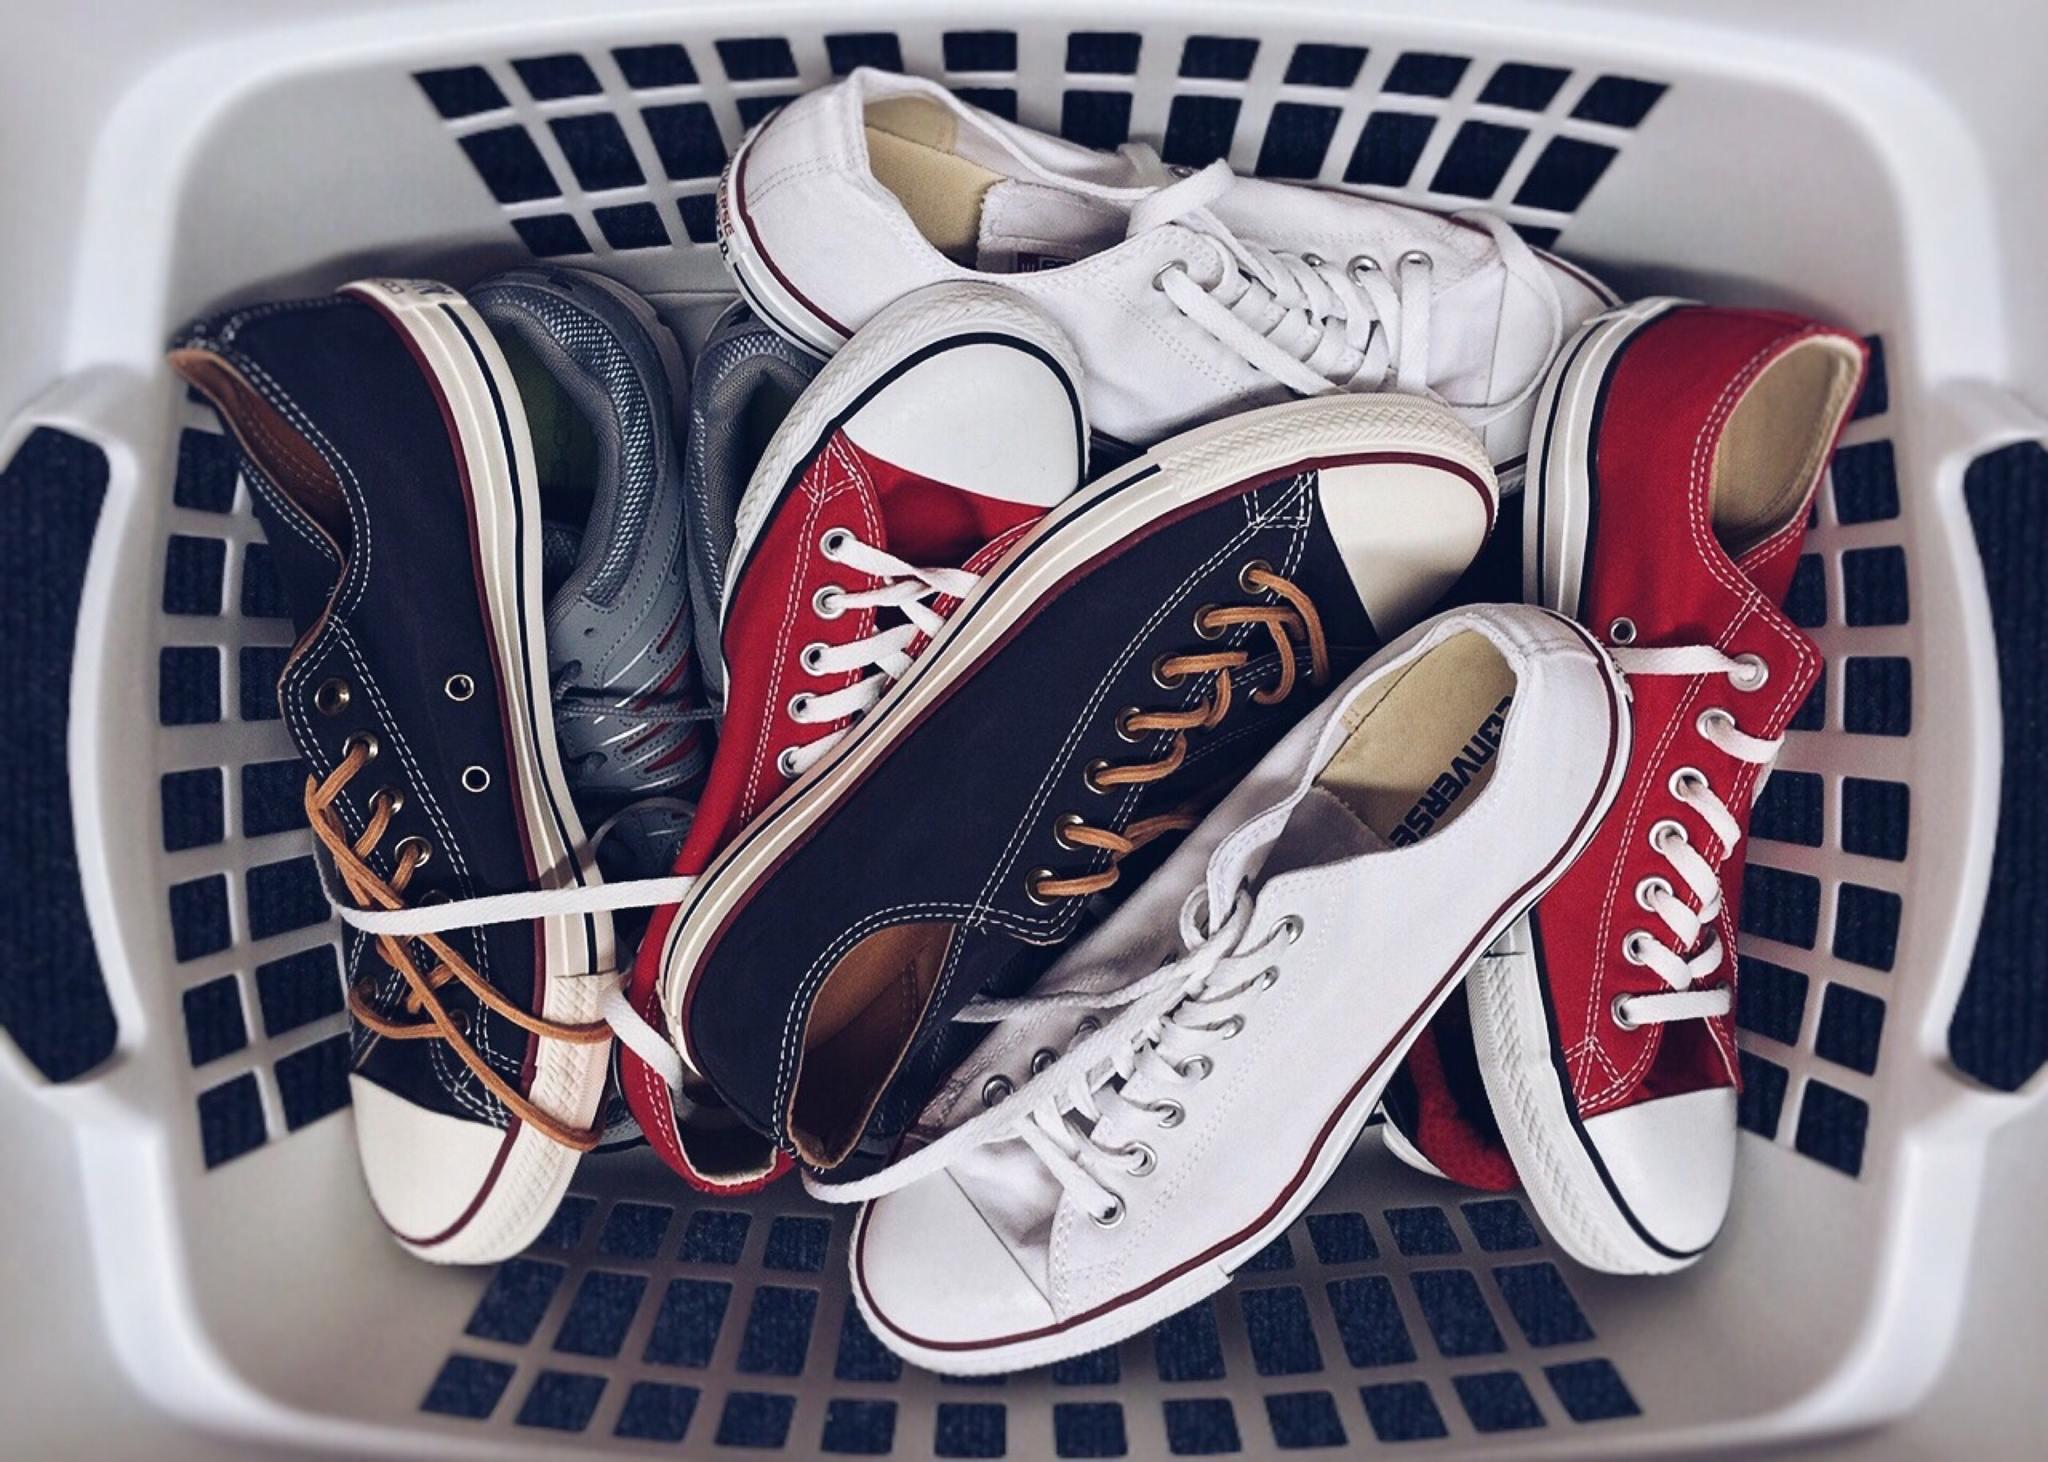 Обувь микс европейский